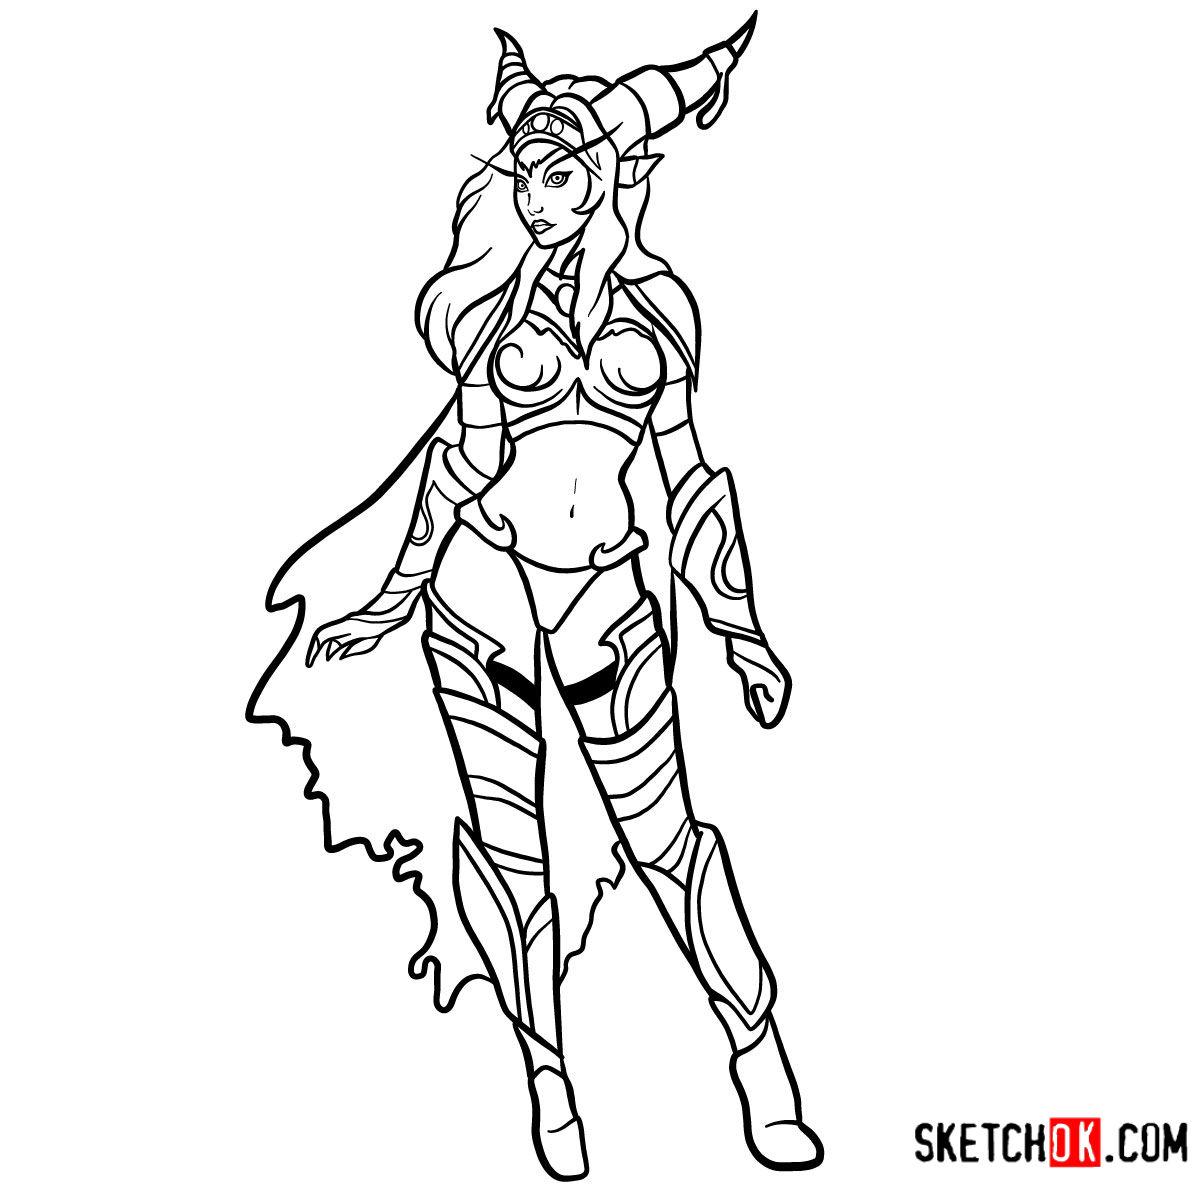 How to draw Alexstrasza | World of Warcraft